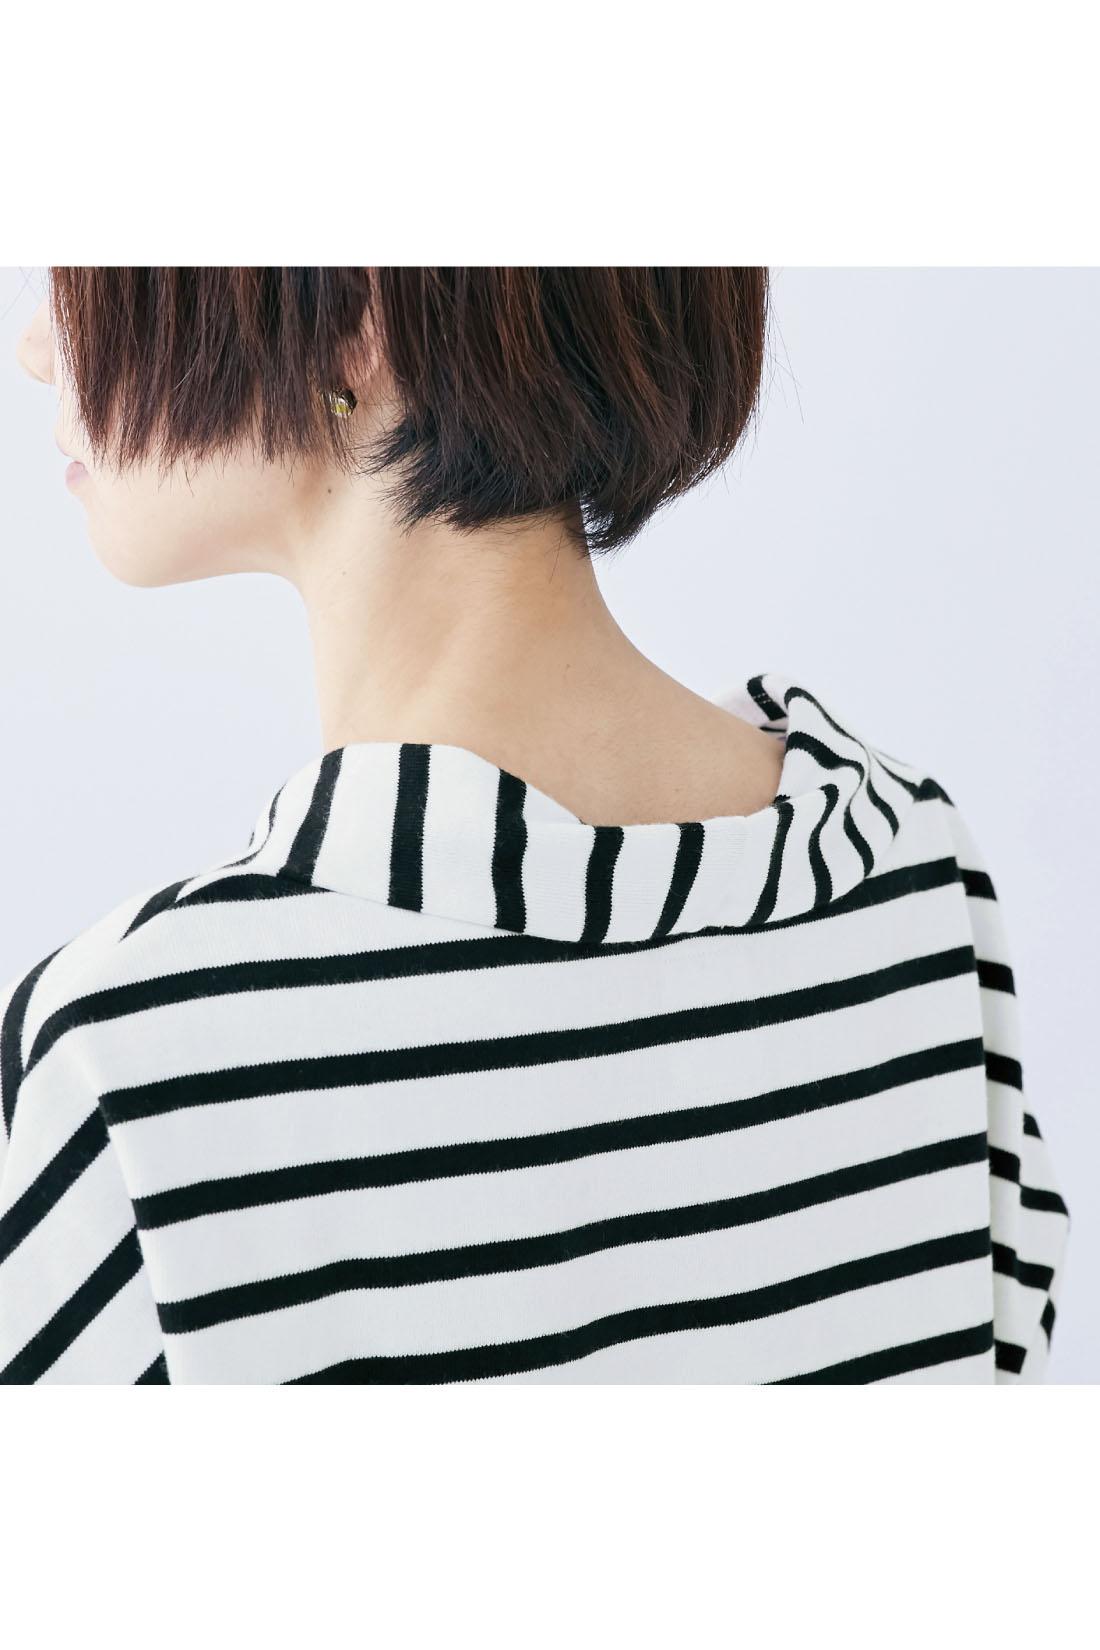 抜け感のある衿ぐりデザインがサッと着るだけでこなれた雰囲気に。